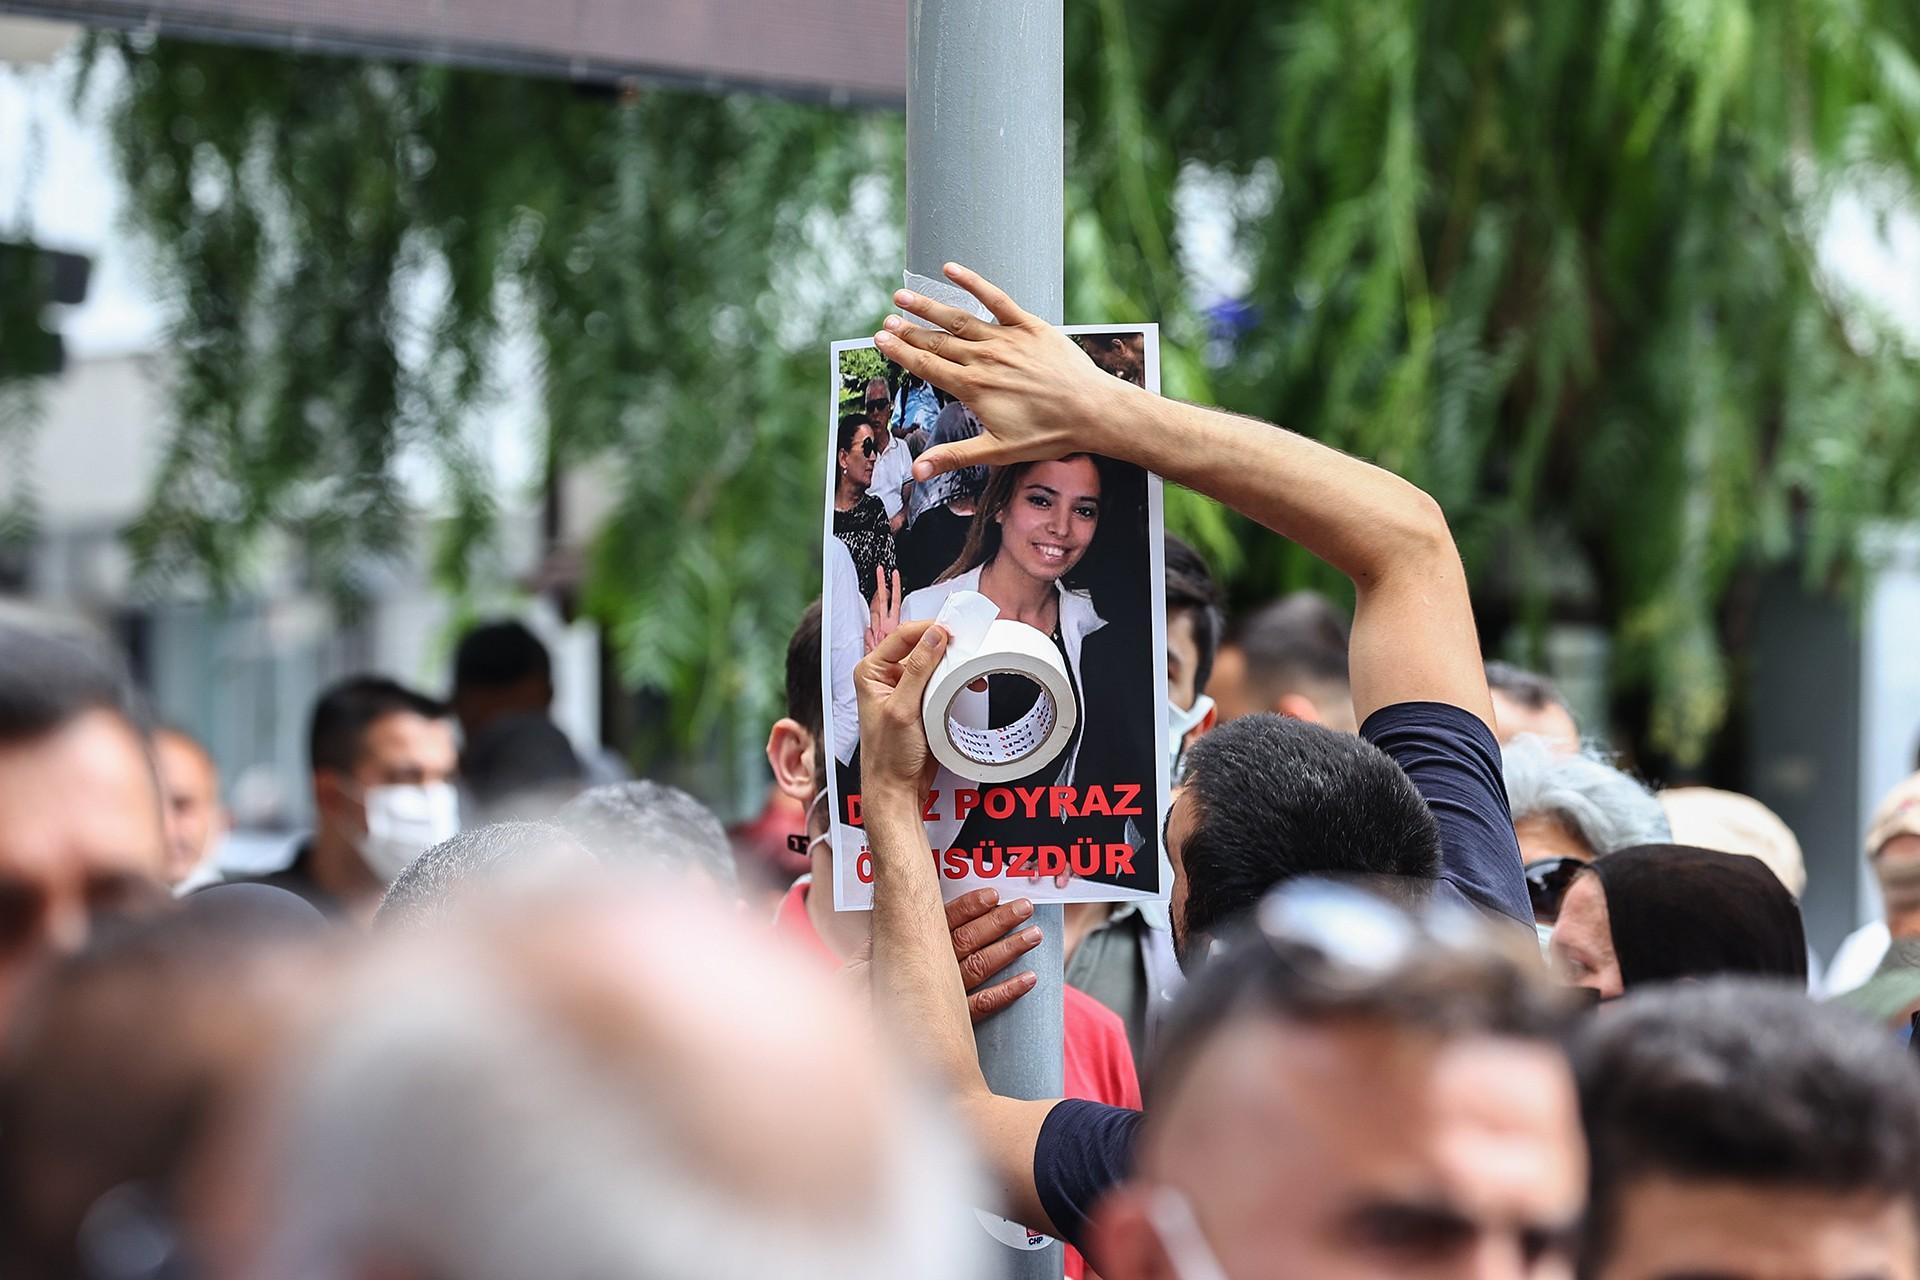 Sanatçılar, Deniz Poyraz'a ilişkin paylaşımlar yaptı, HDP'ye saldırıyı kınadı - Evrensel